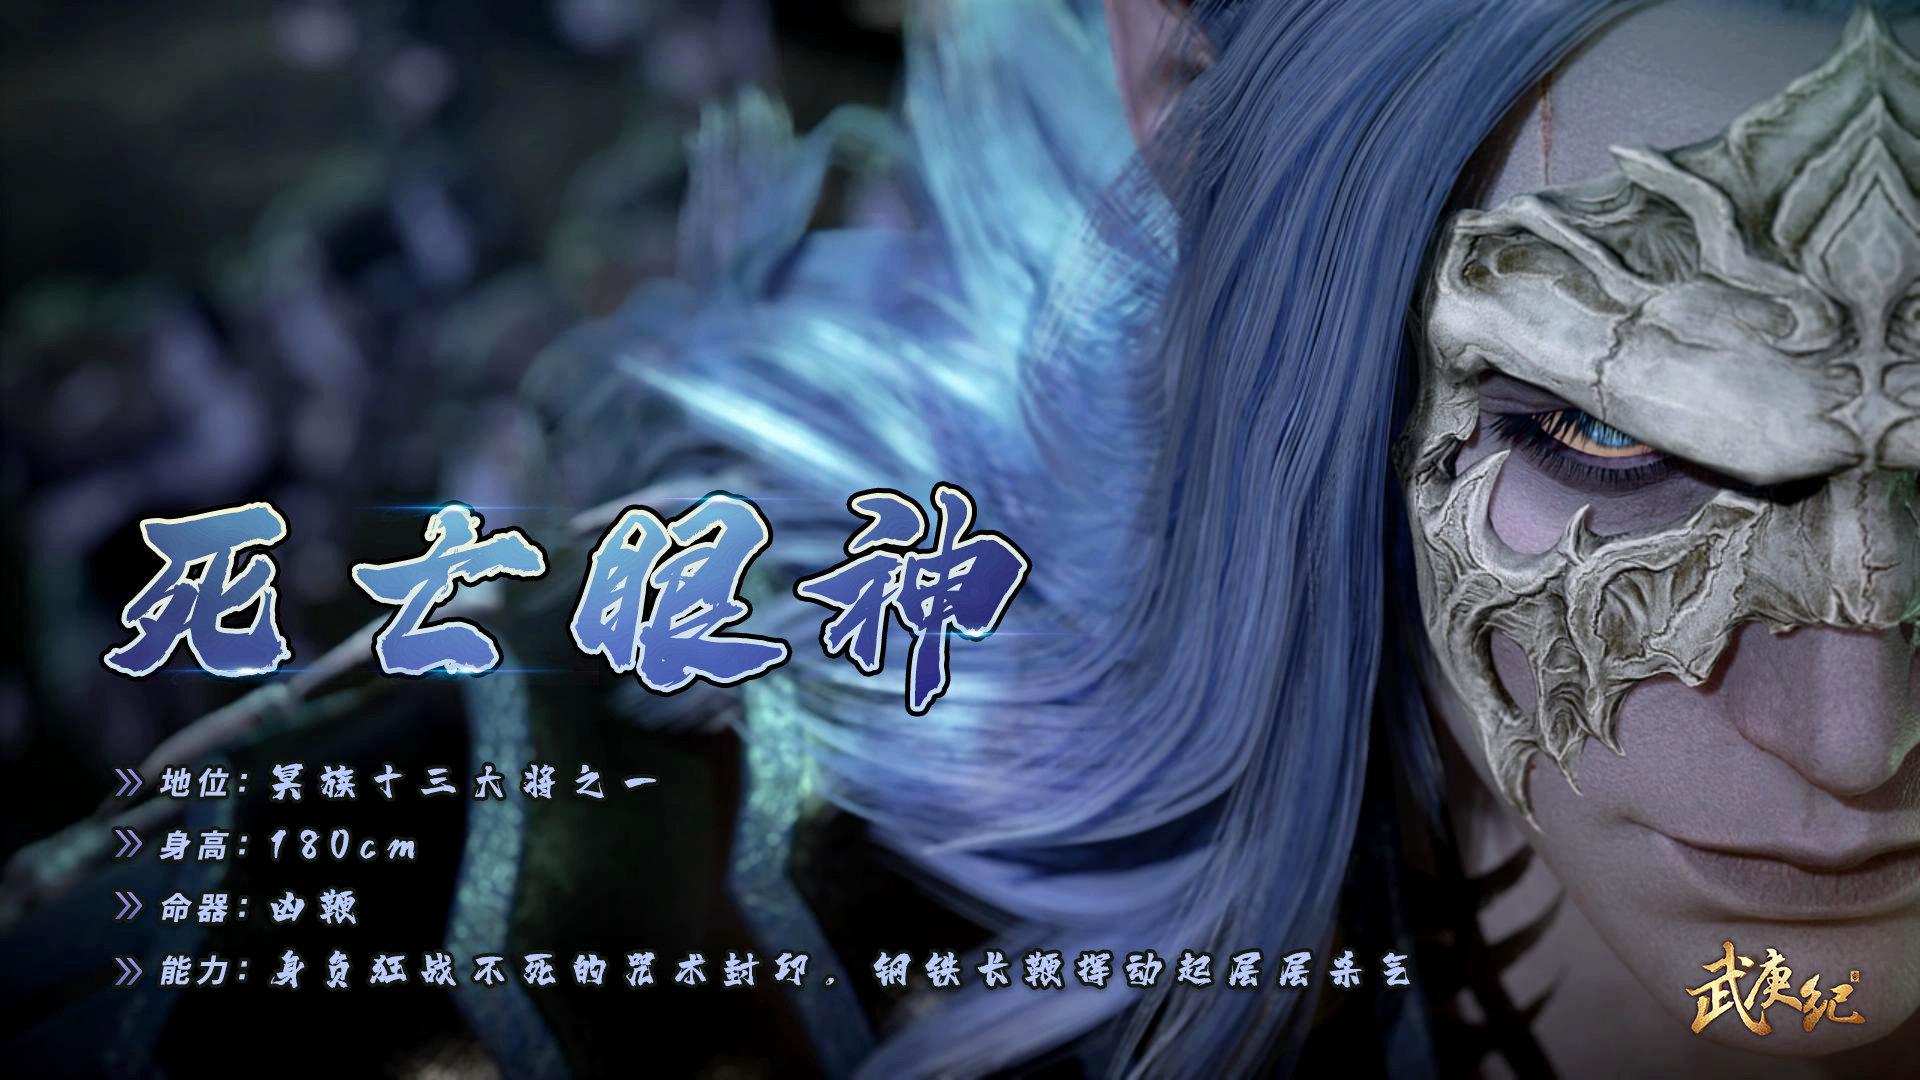 武庚纪冥族十三大将图片